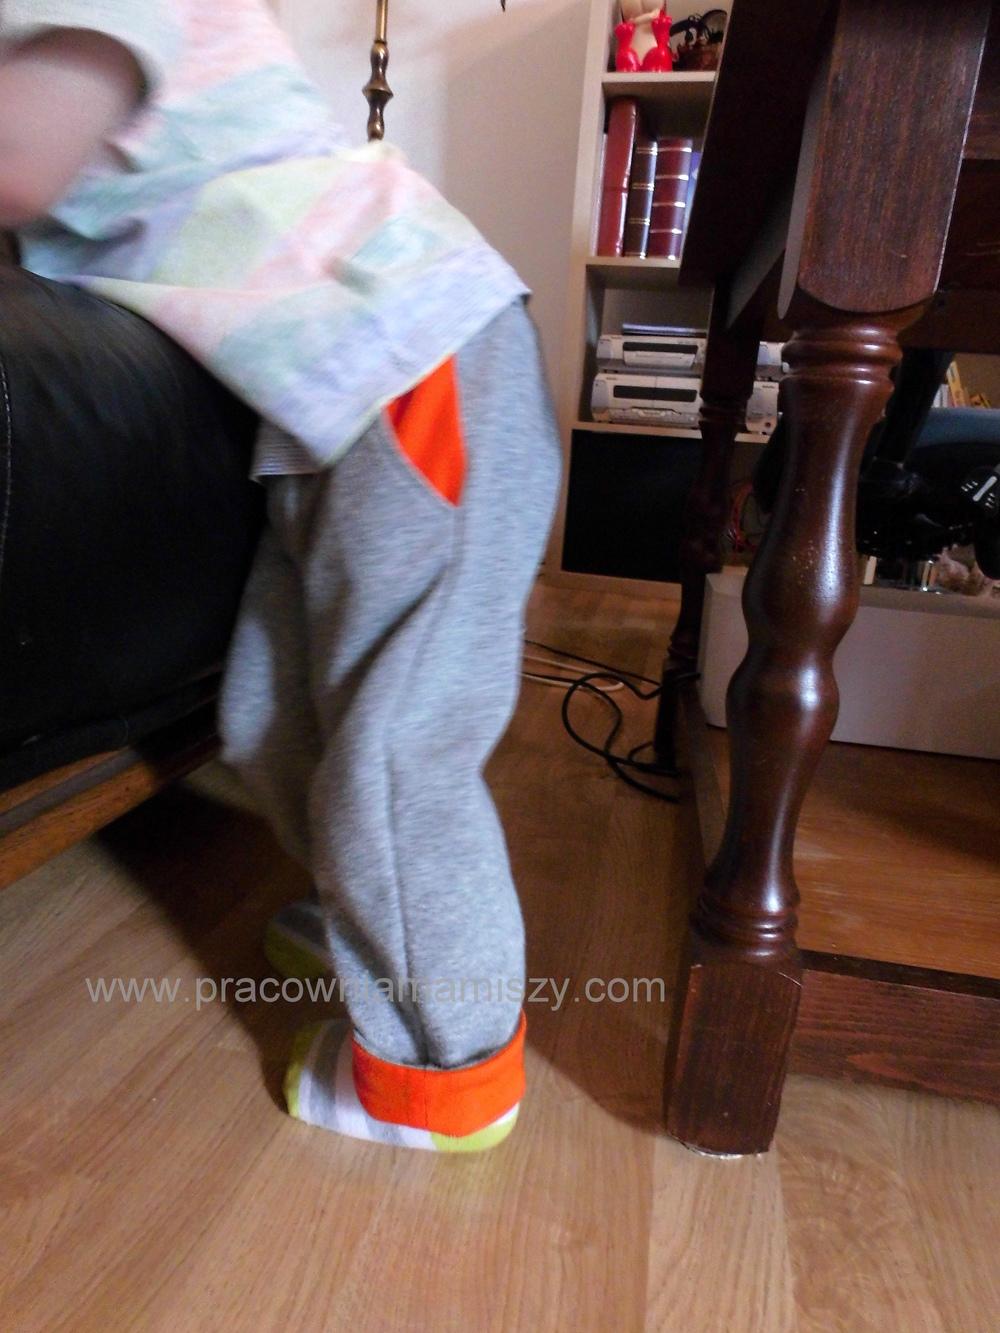 Szarość spodni ożywiłam pomarańczowymi kieszeniami i mankietami, lewa strona tunelu na gumkę też jest pomarańczowa.